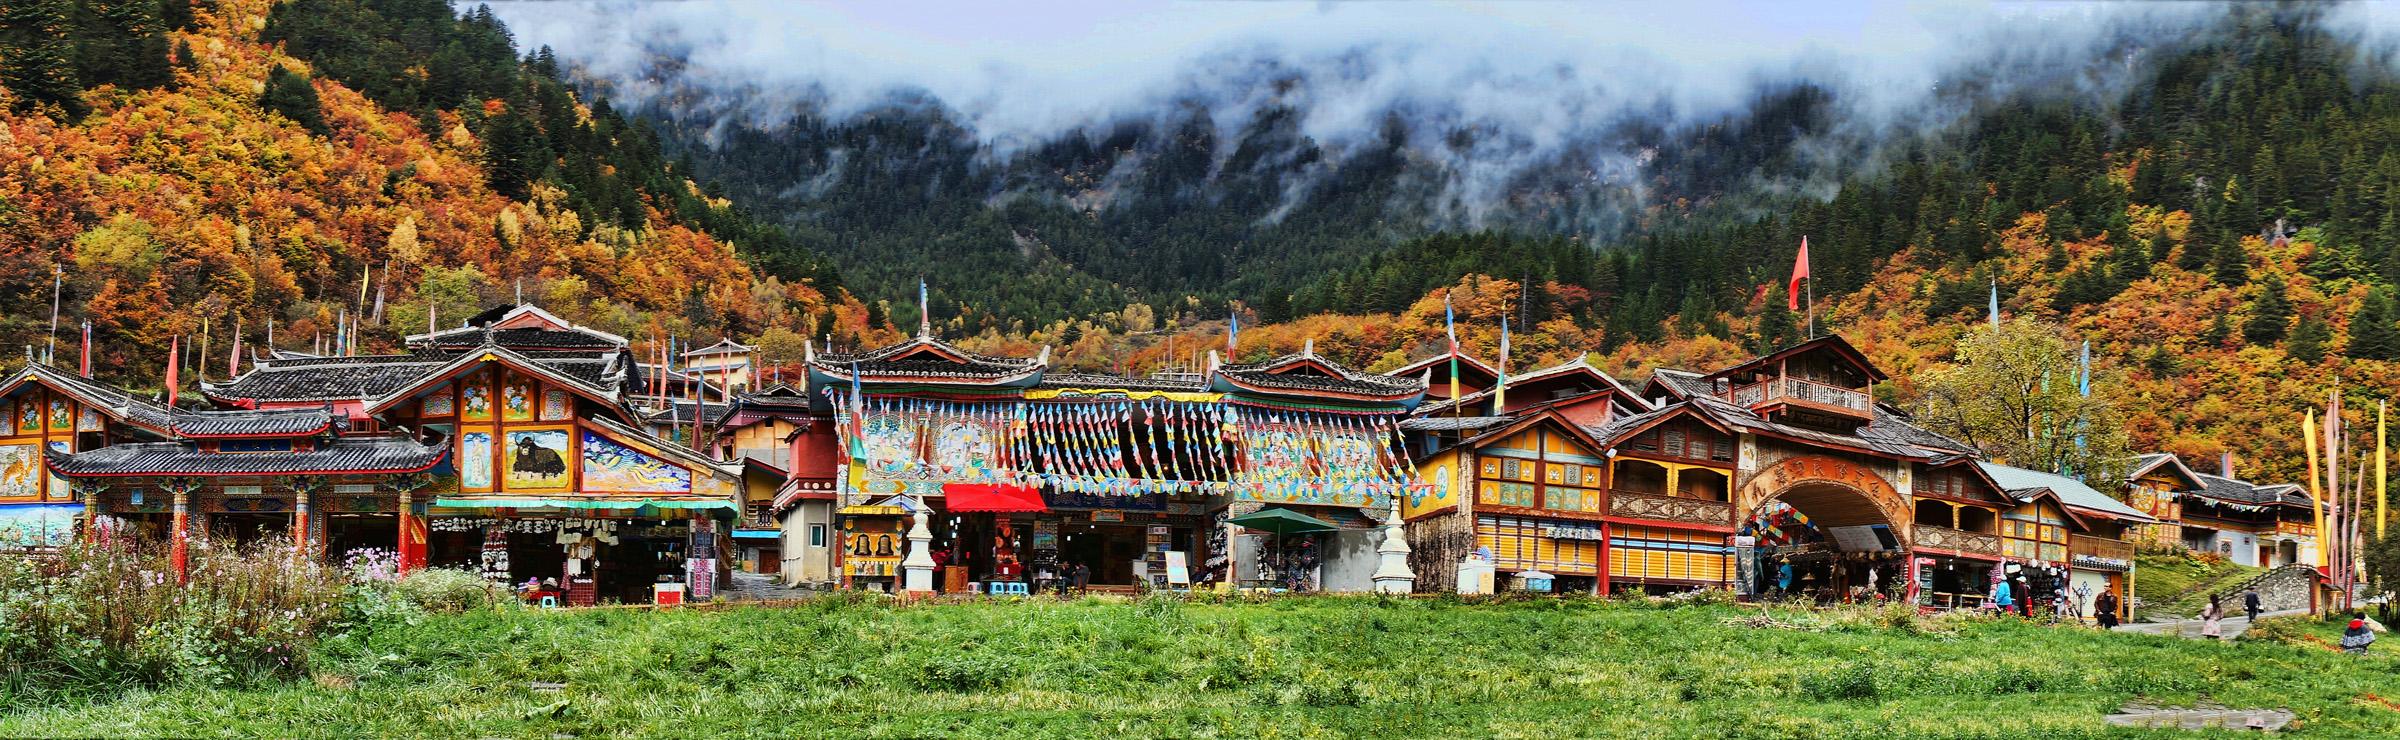 Shuzheng Village, Sichuan, China - by chensiyuan